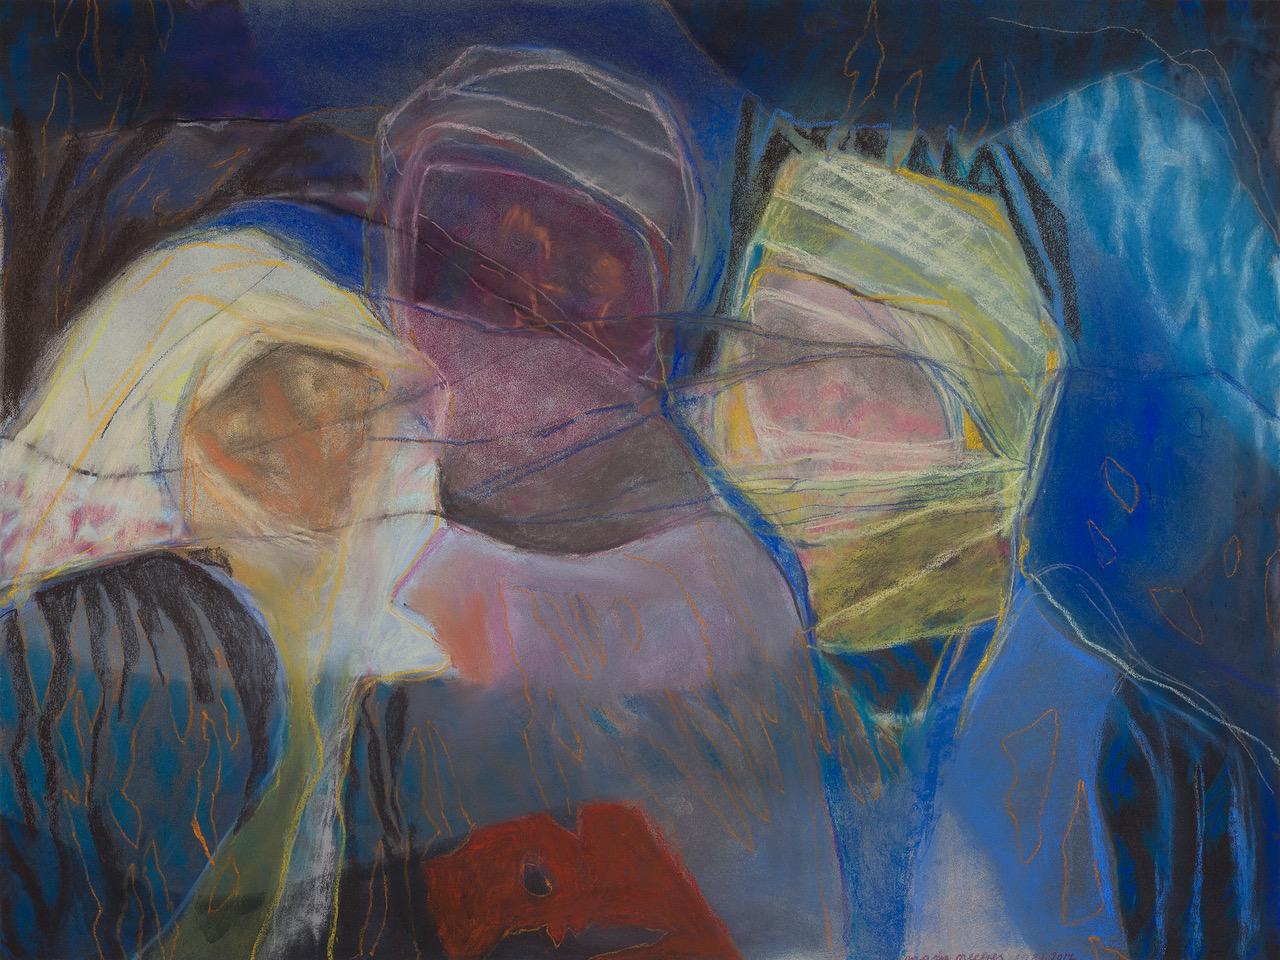 2017 De Bedoekten – Dank u Goya